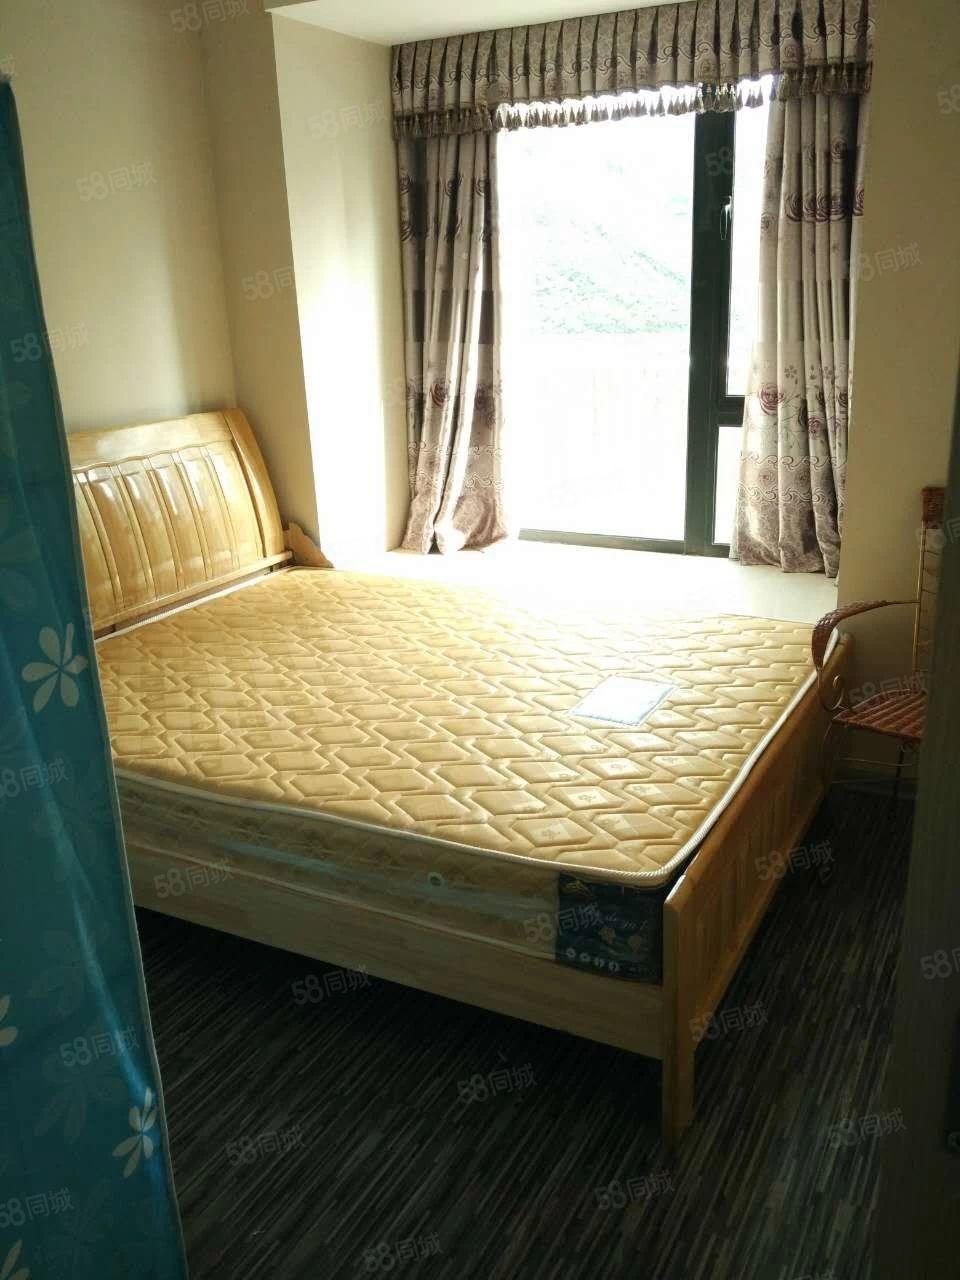 阳东,华科国际,公寓,精装1房,家私电齐全,拎包入住,